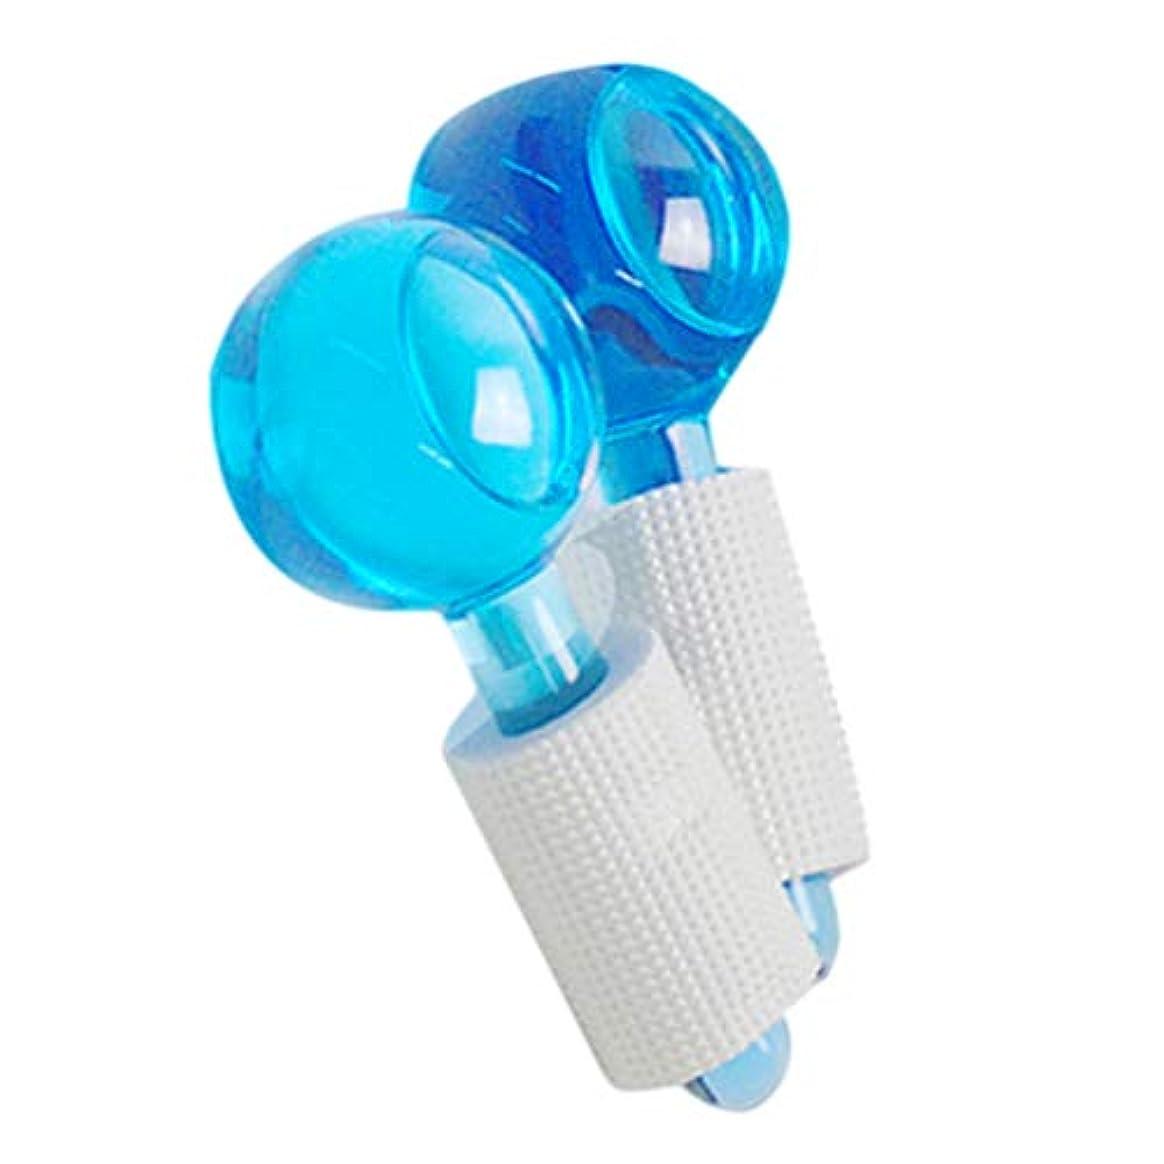 高音費用把握HEALLILY アイスローラーグローブフェイシャルローラーコールドスキンマッサージャーマジックグローブ用発赤鎮静副鼻腔リリーフ2ピース